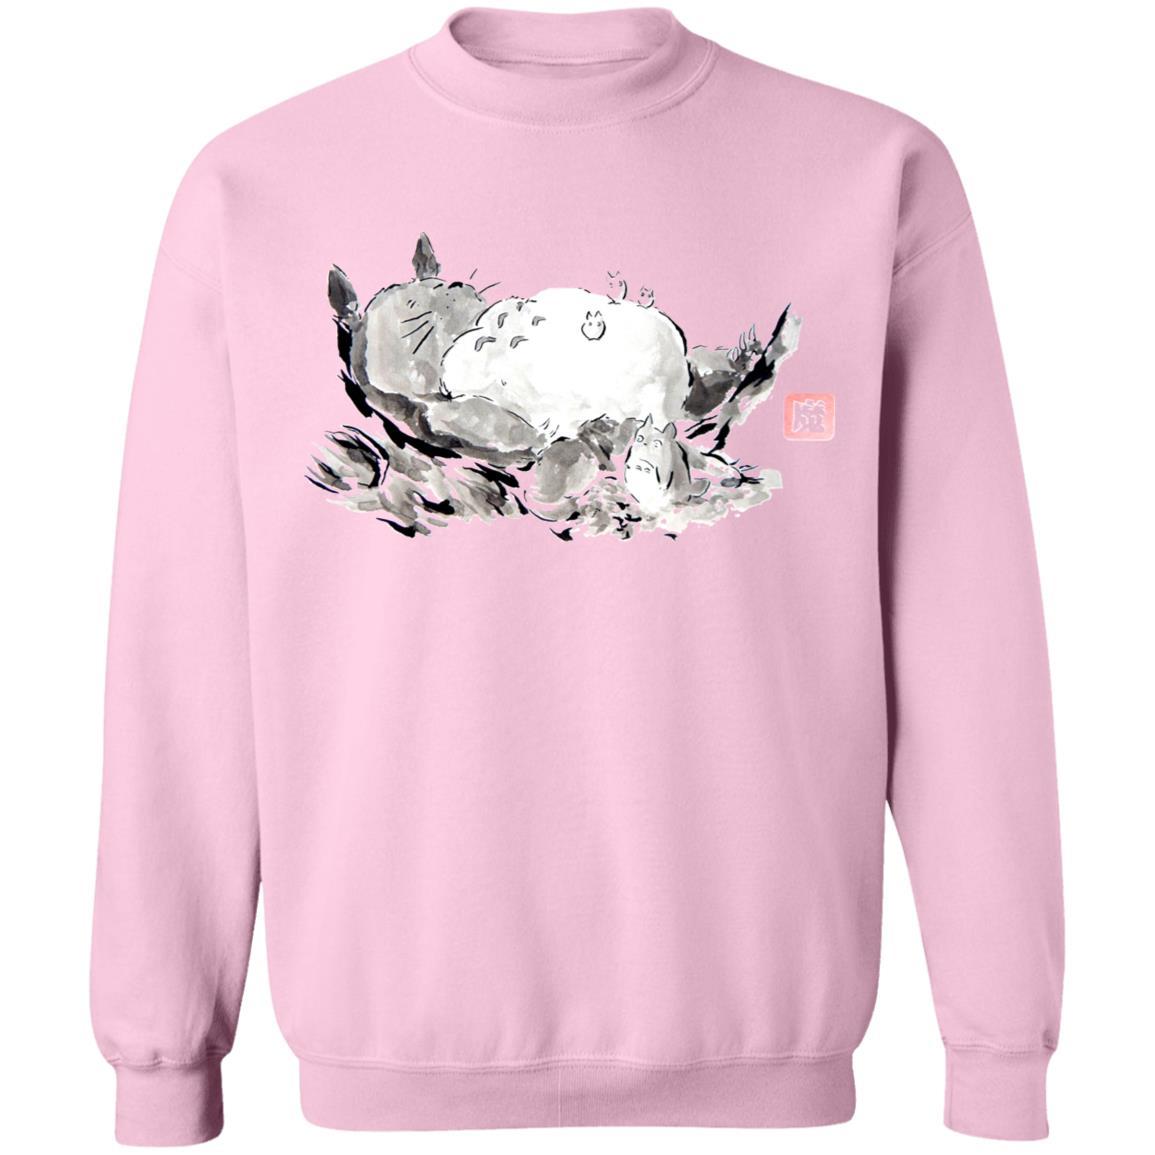 Sleeping Totoro ink Painting Sweatshirt